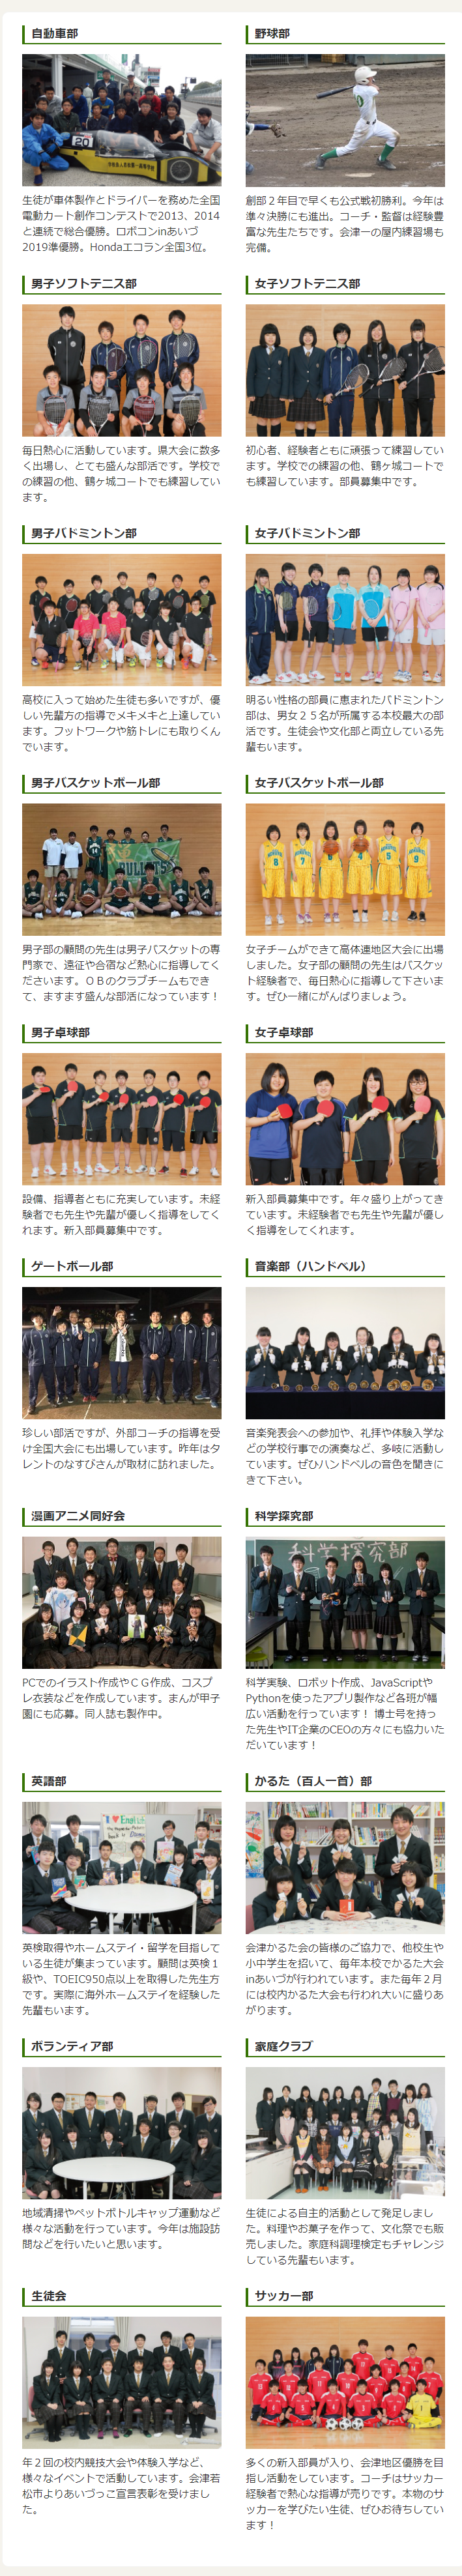 会津北嶺高校,オープンスクール,部活動